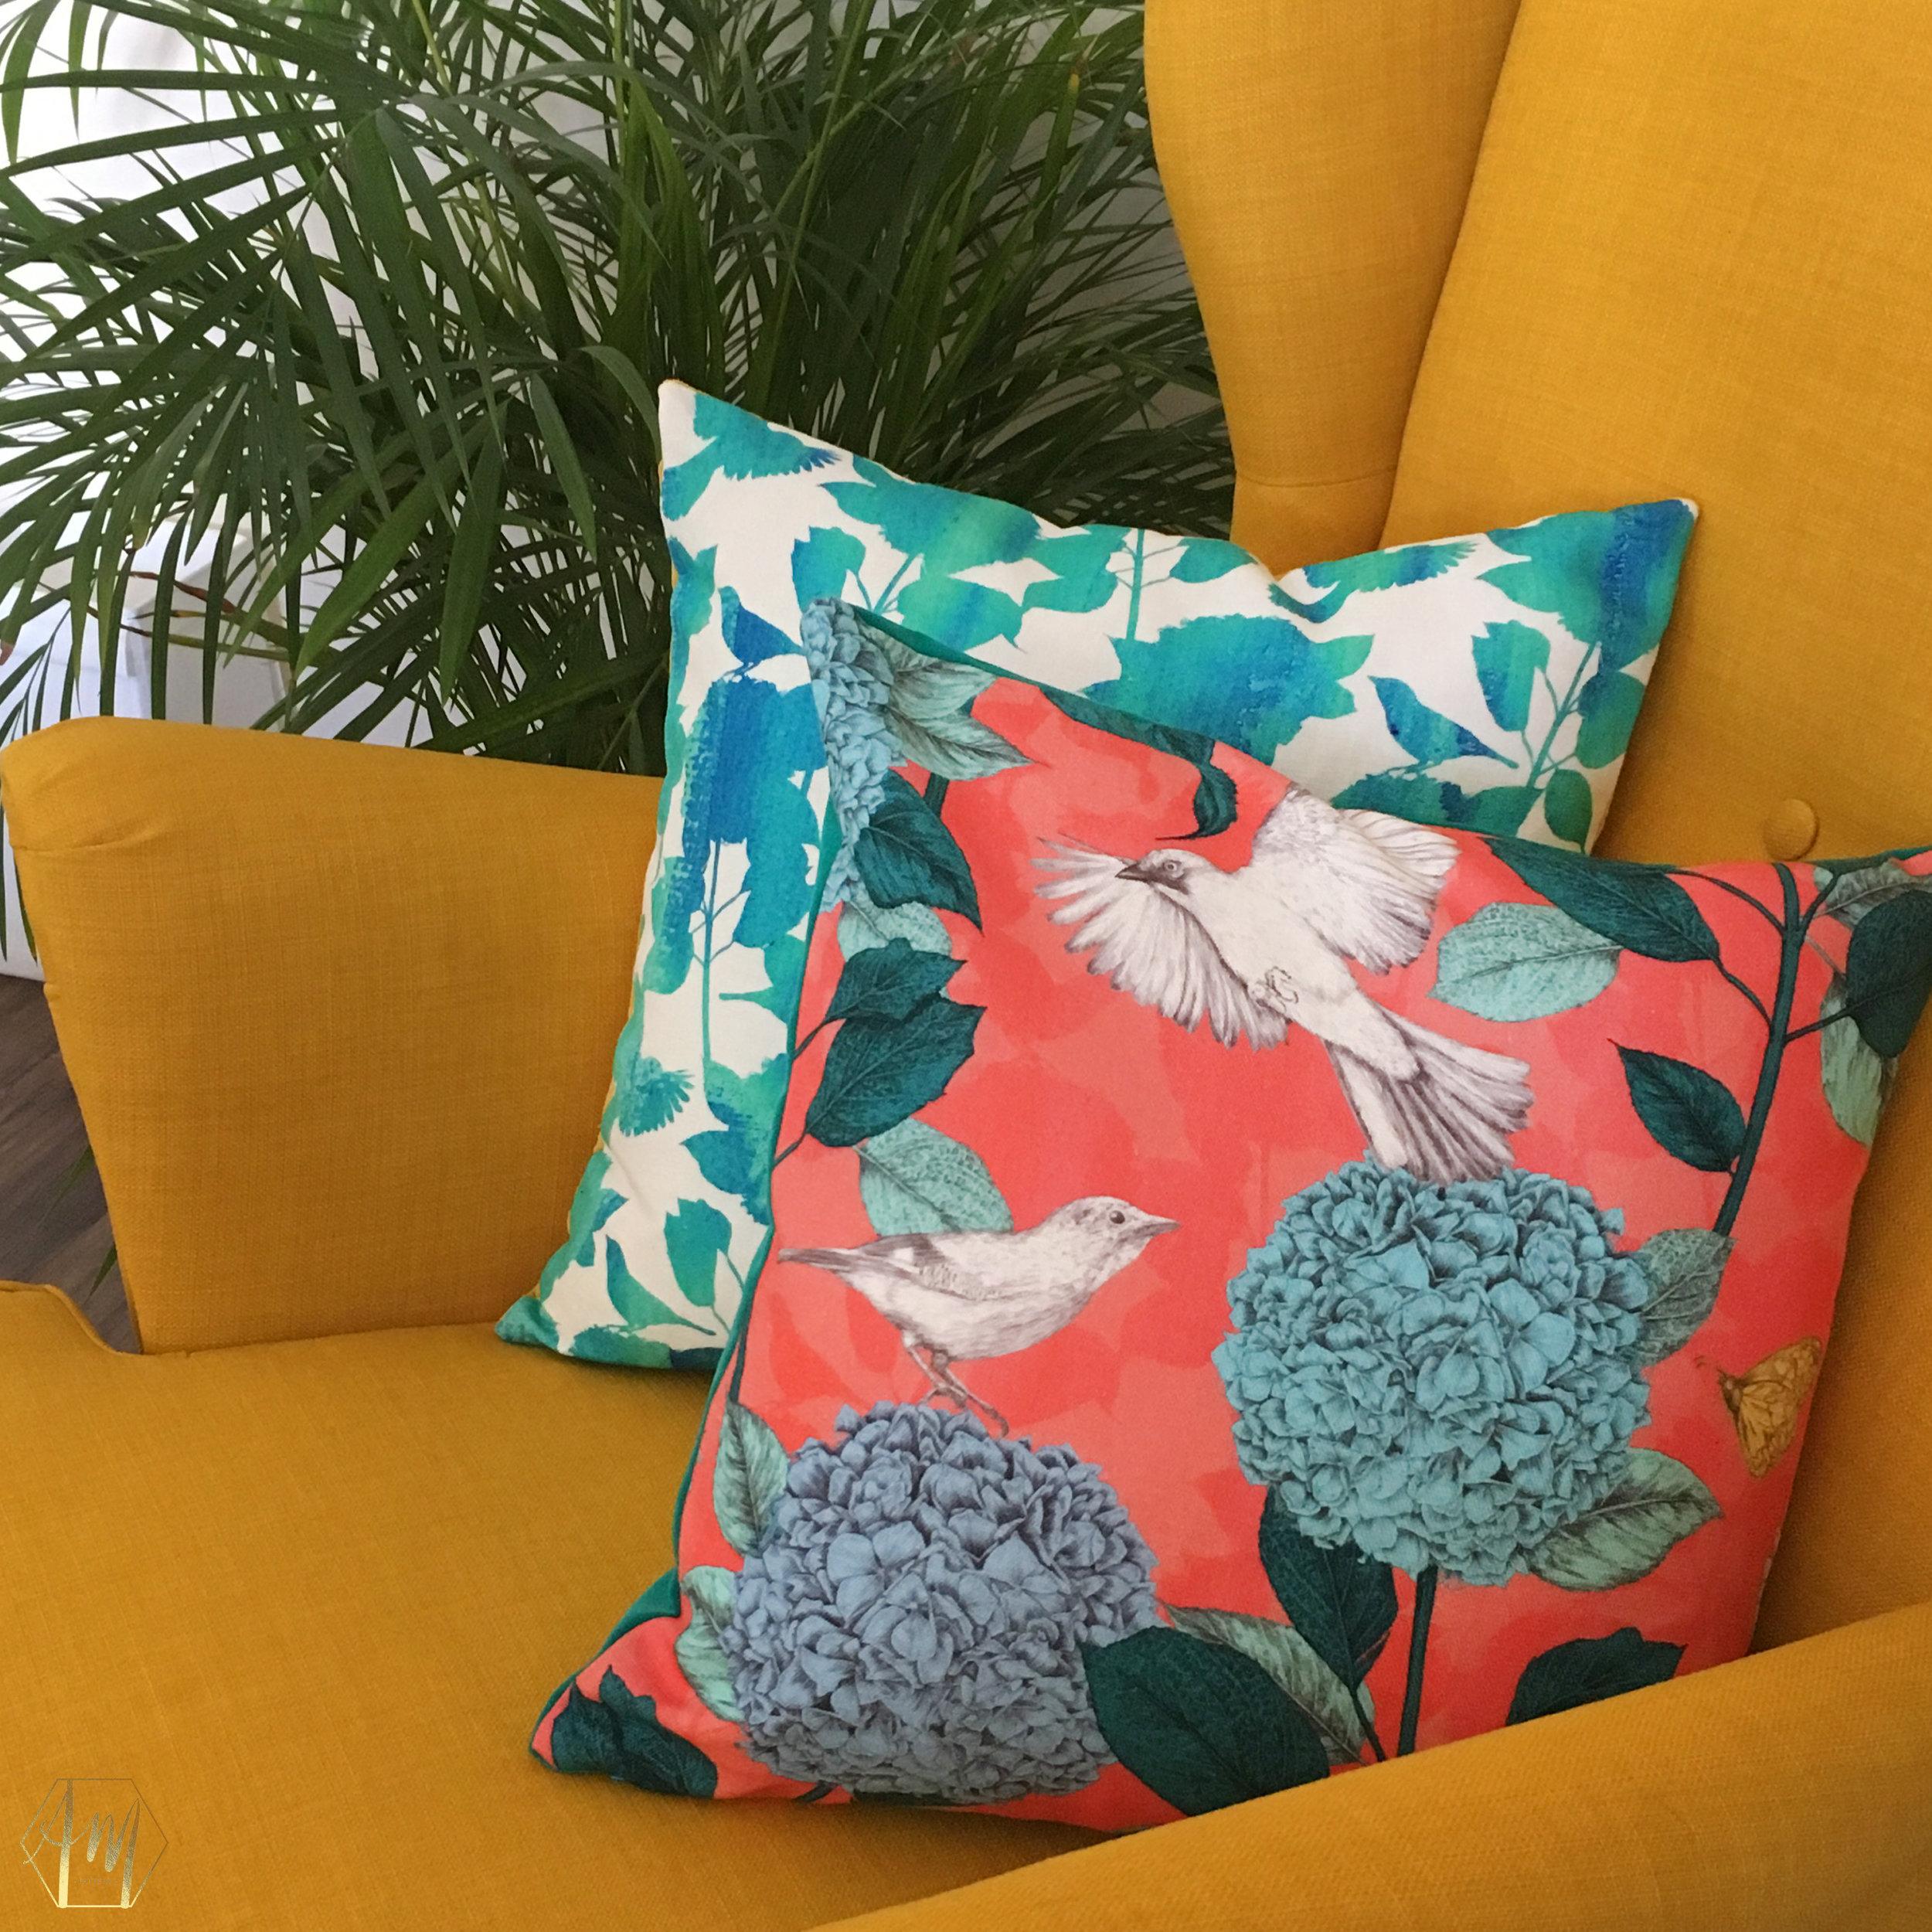 Linen and velvet cushions | Printed Fabric | Textile Design| Irish Design | APRIL MAWHINNEY DESIGN STUDIO